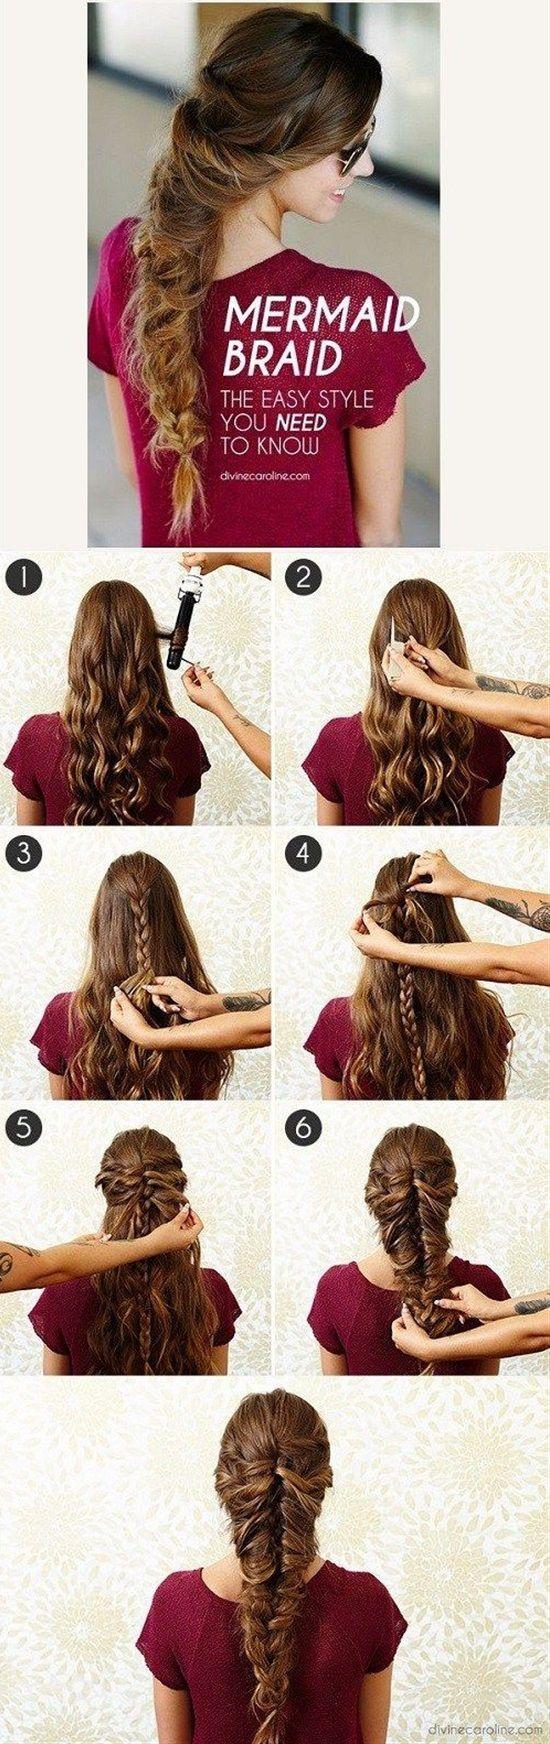 14 kühne und einzigartige Frisuren-Tutorials, die Sie zu Hause machen können #typesofhairstyles